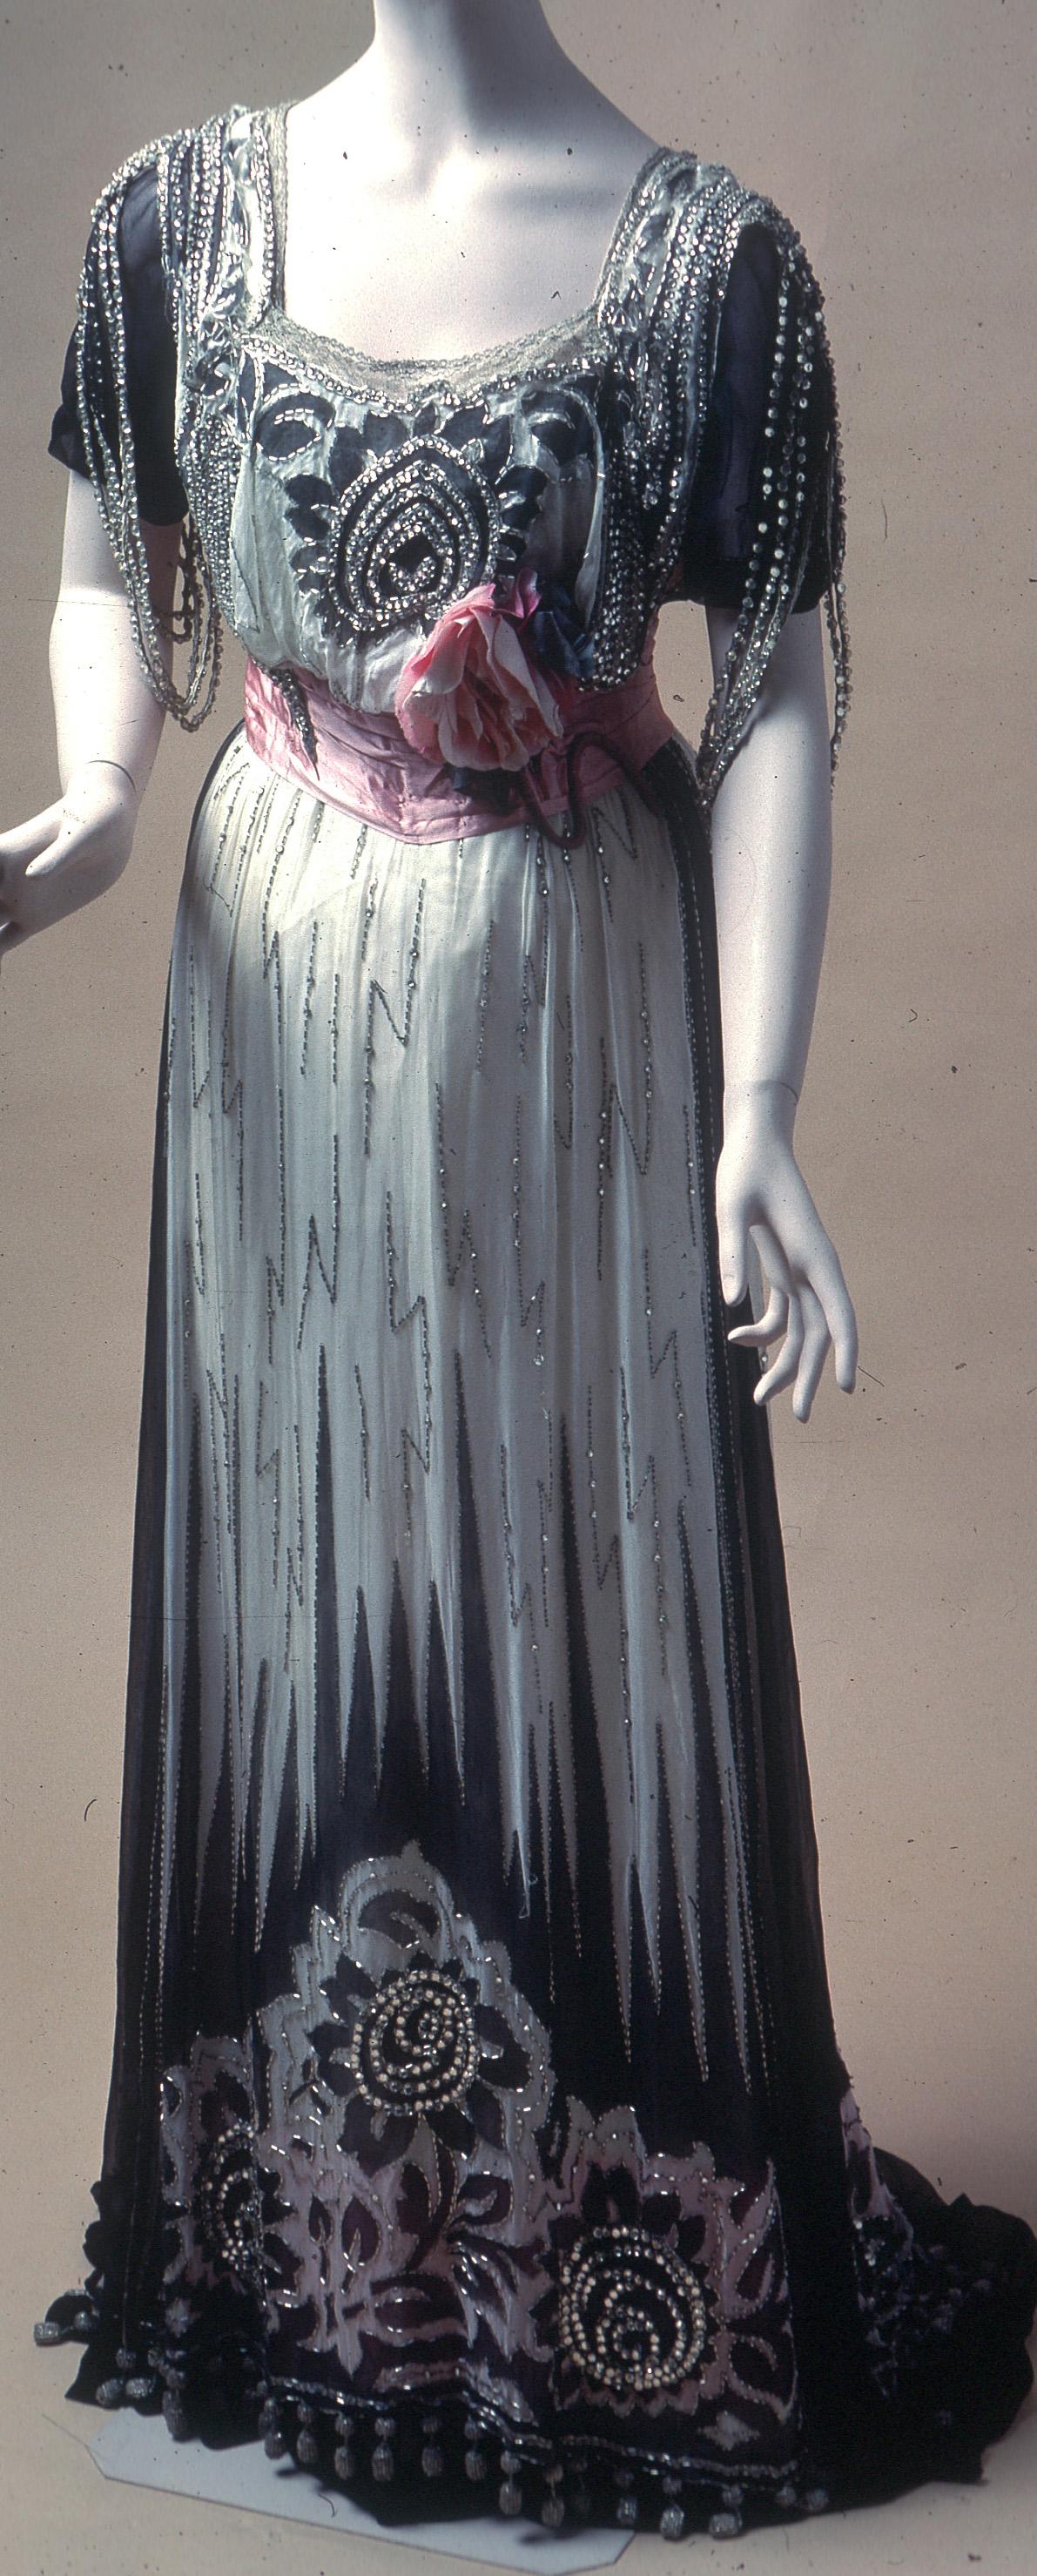 c. 1910 Dress by Madame J. Baer; Gift of Jane Scribner; Original owner Florence O. Ives Scribner (de Young Museum)